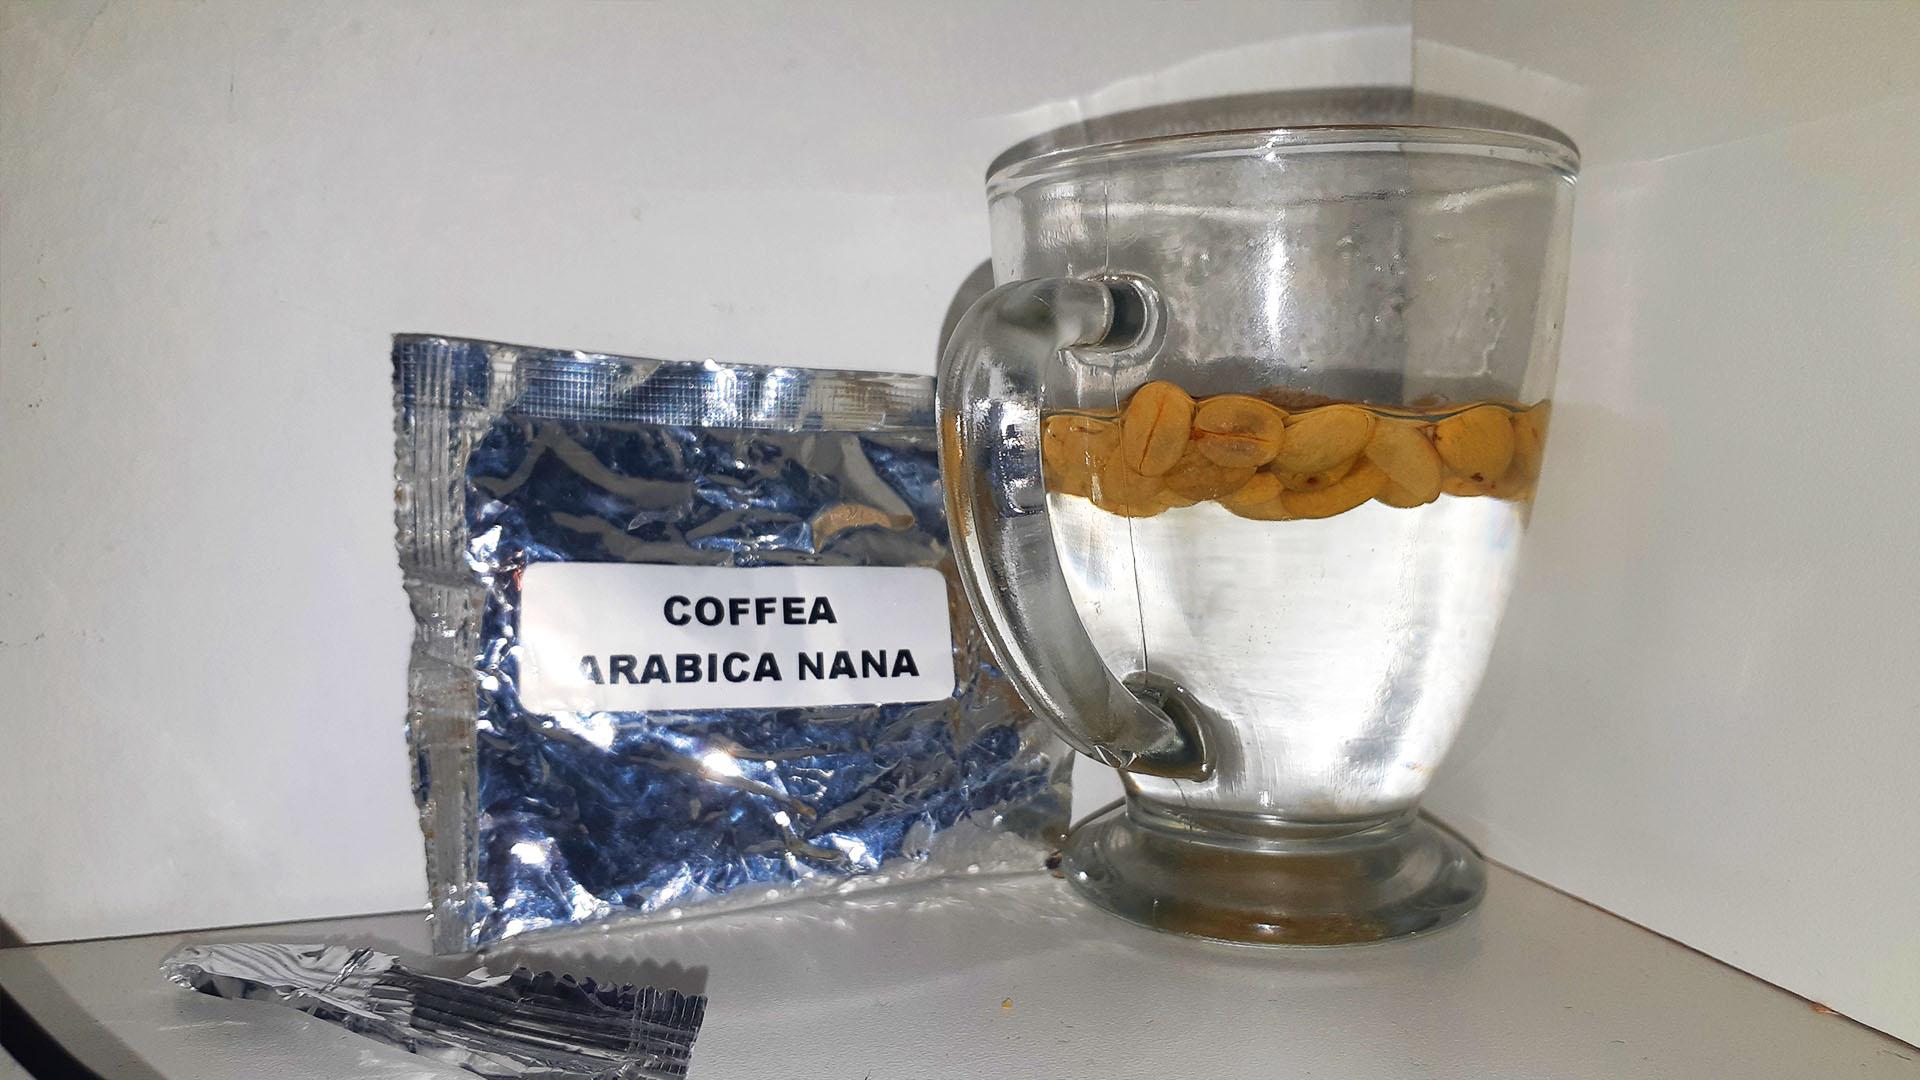 siembra de cafe, semillas de cafe en remojo